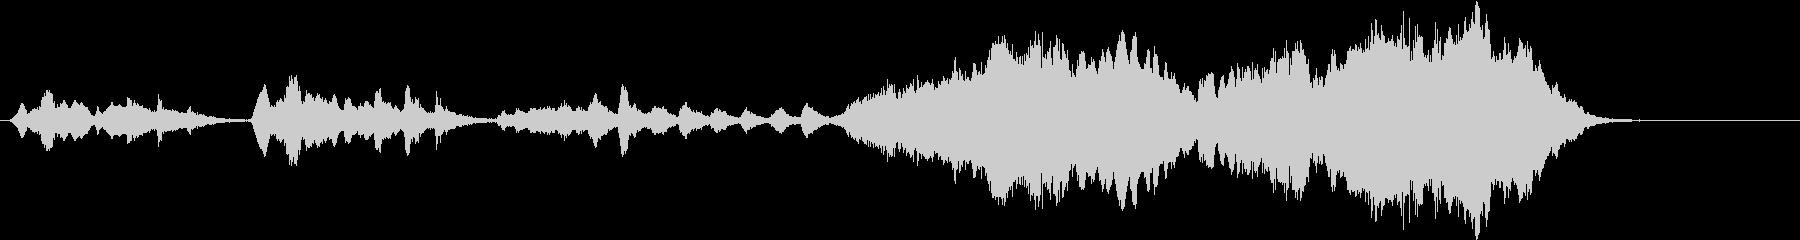 ほのぼのした短い小編成オーケストラの未再生の波形